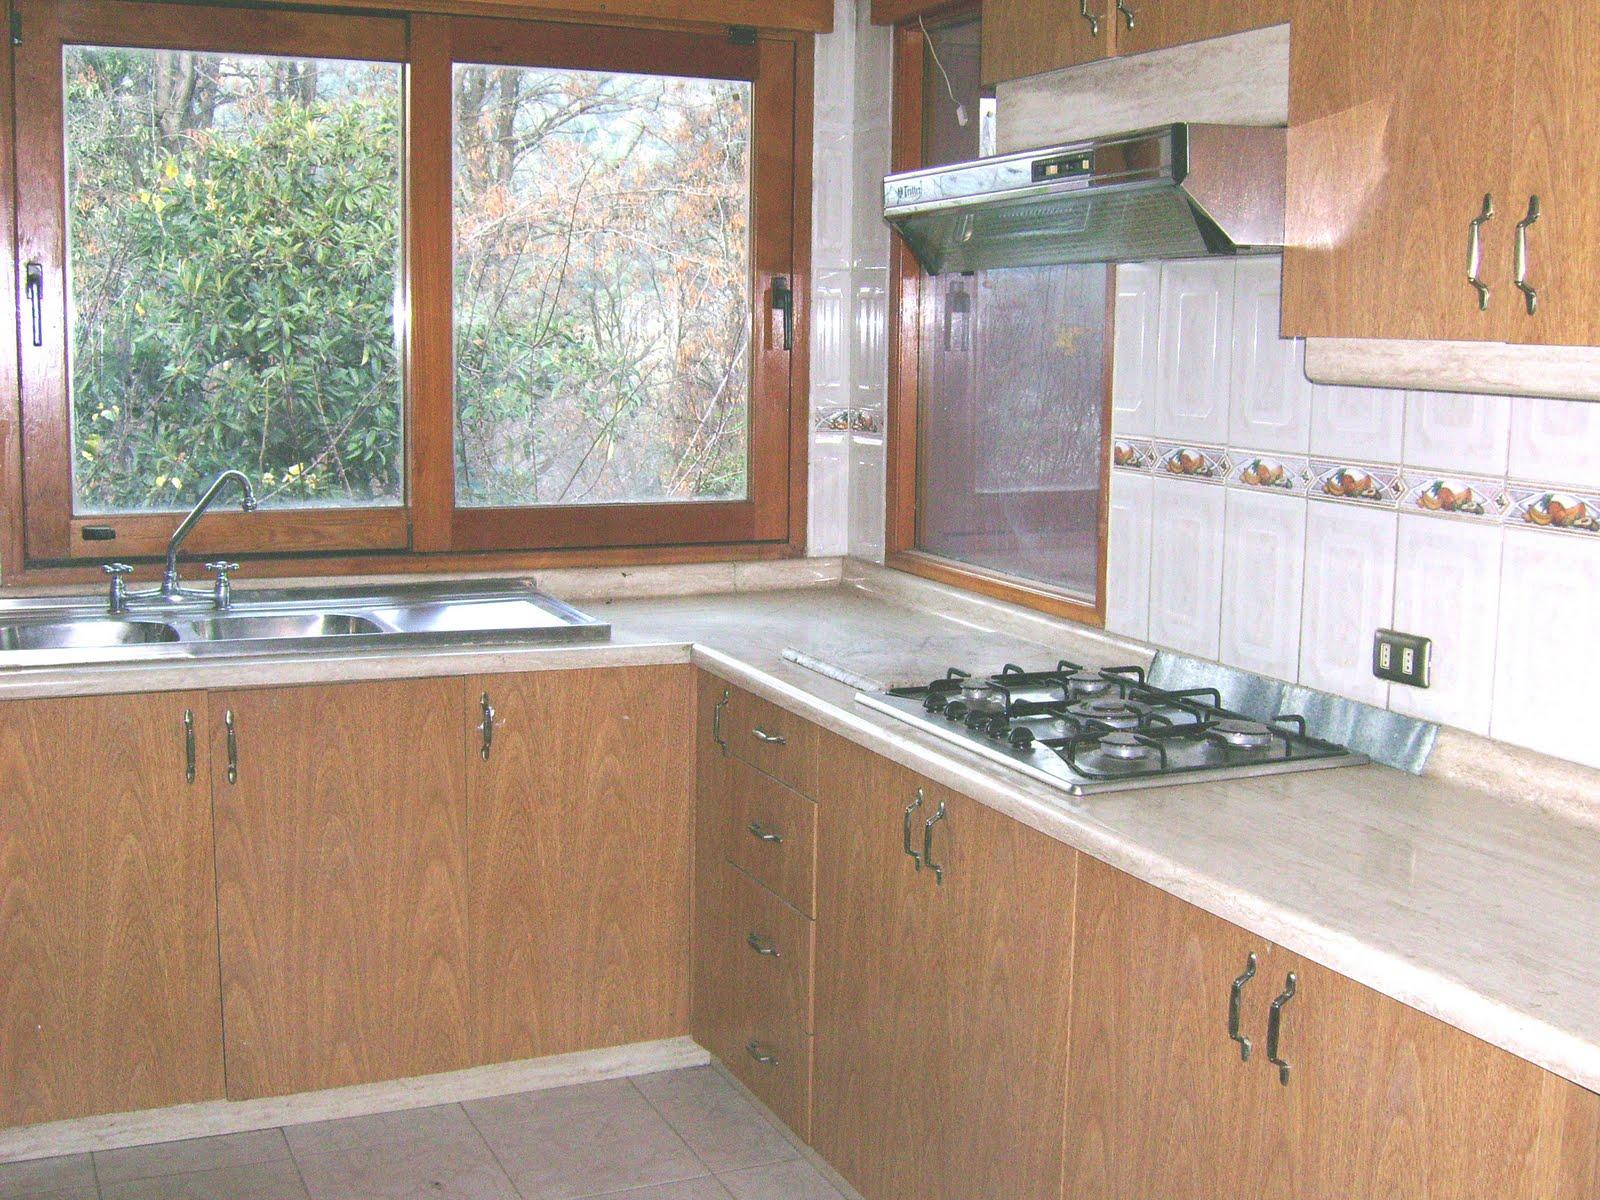 Vendo mi casa cocina y muebles for Ceramicas para cocinas modernas